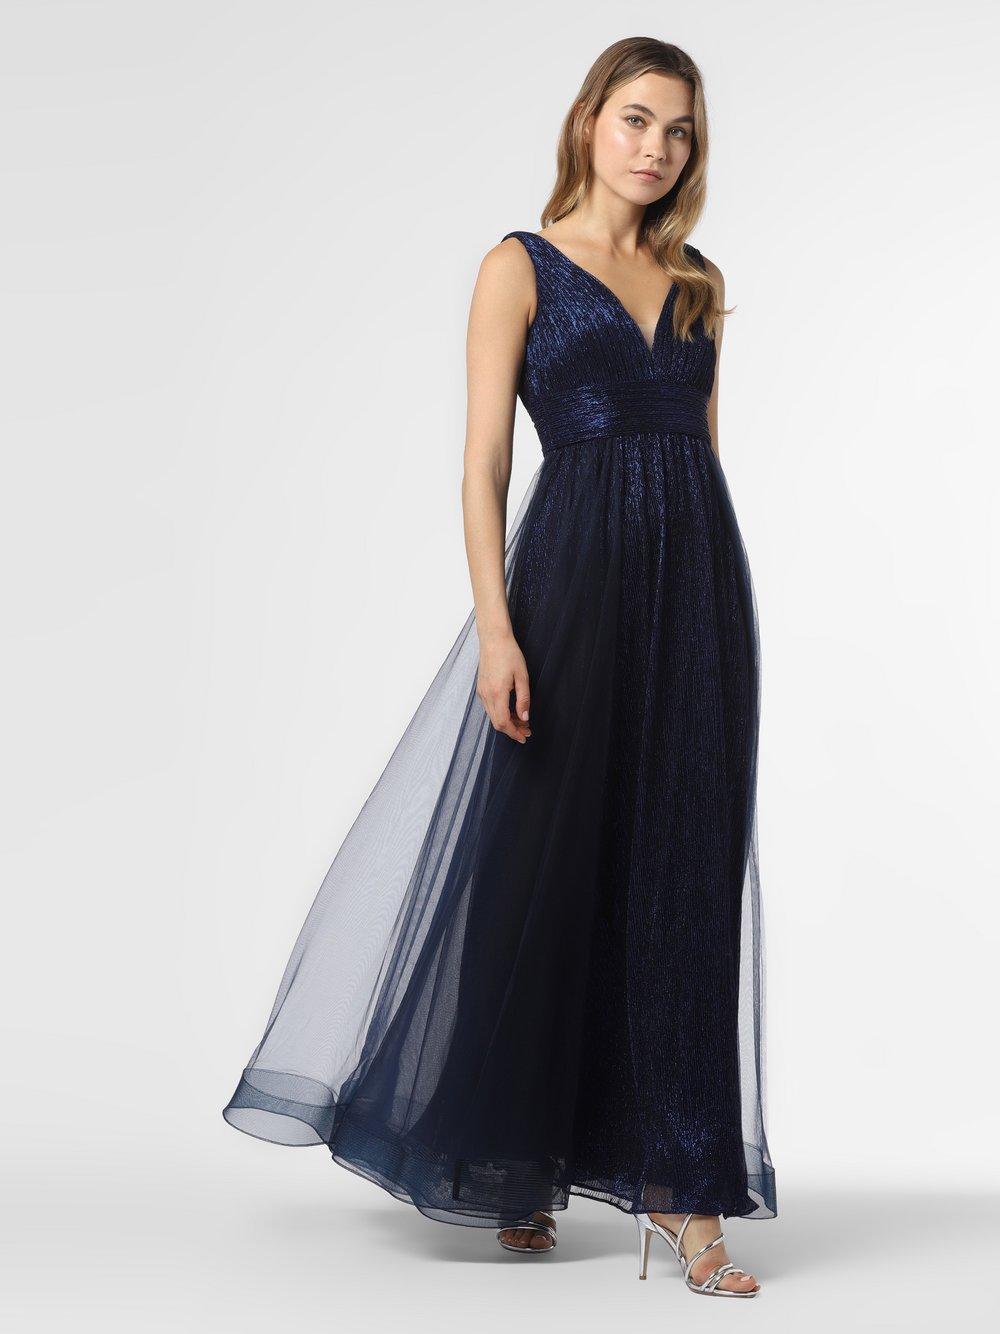 Laona – Damska sukienka wieczorowa, niebieski Van Graaf 484054-0001-00360